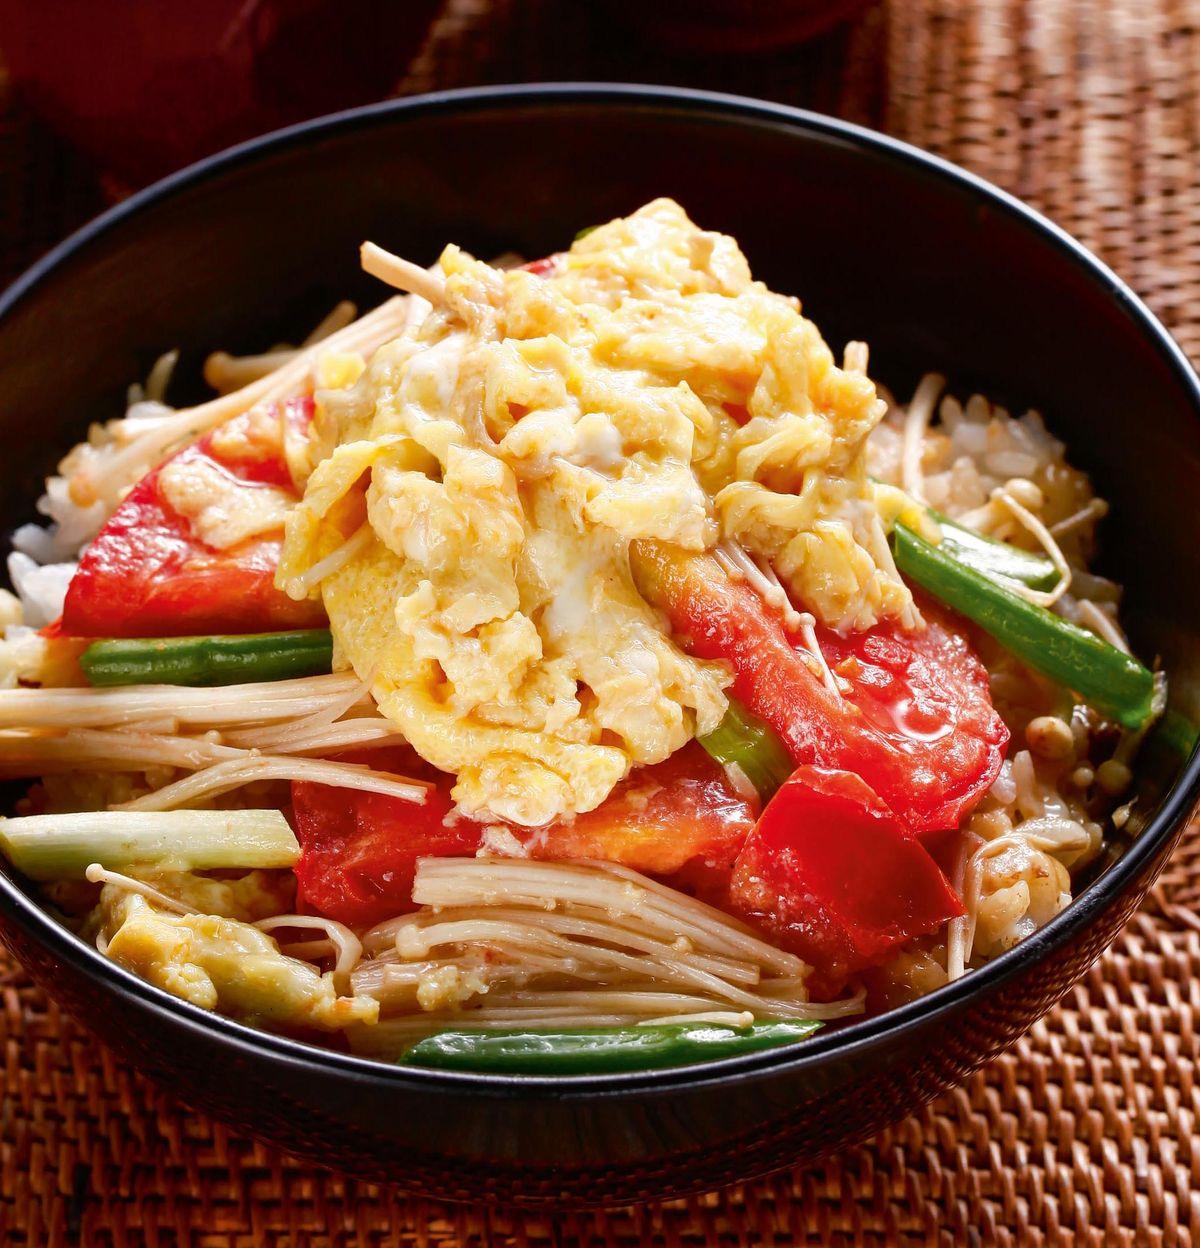 食譜:番茄滑蛋蓋飯